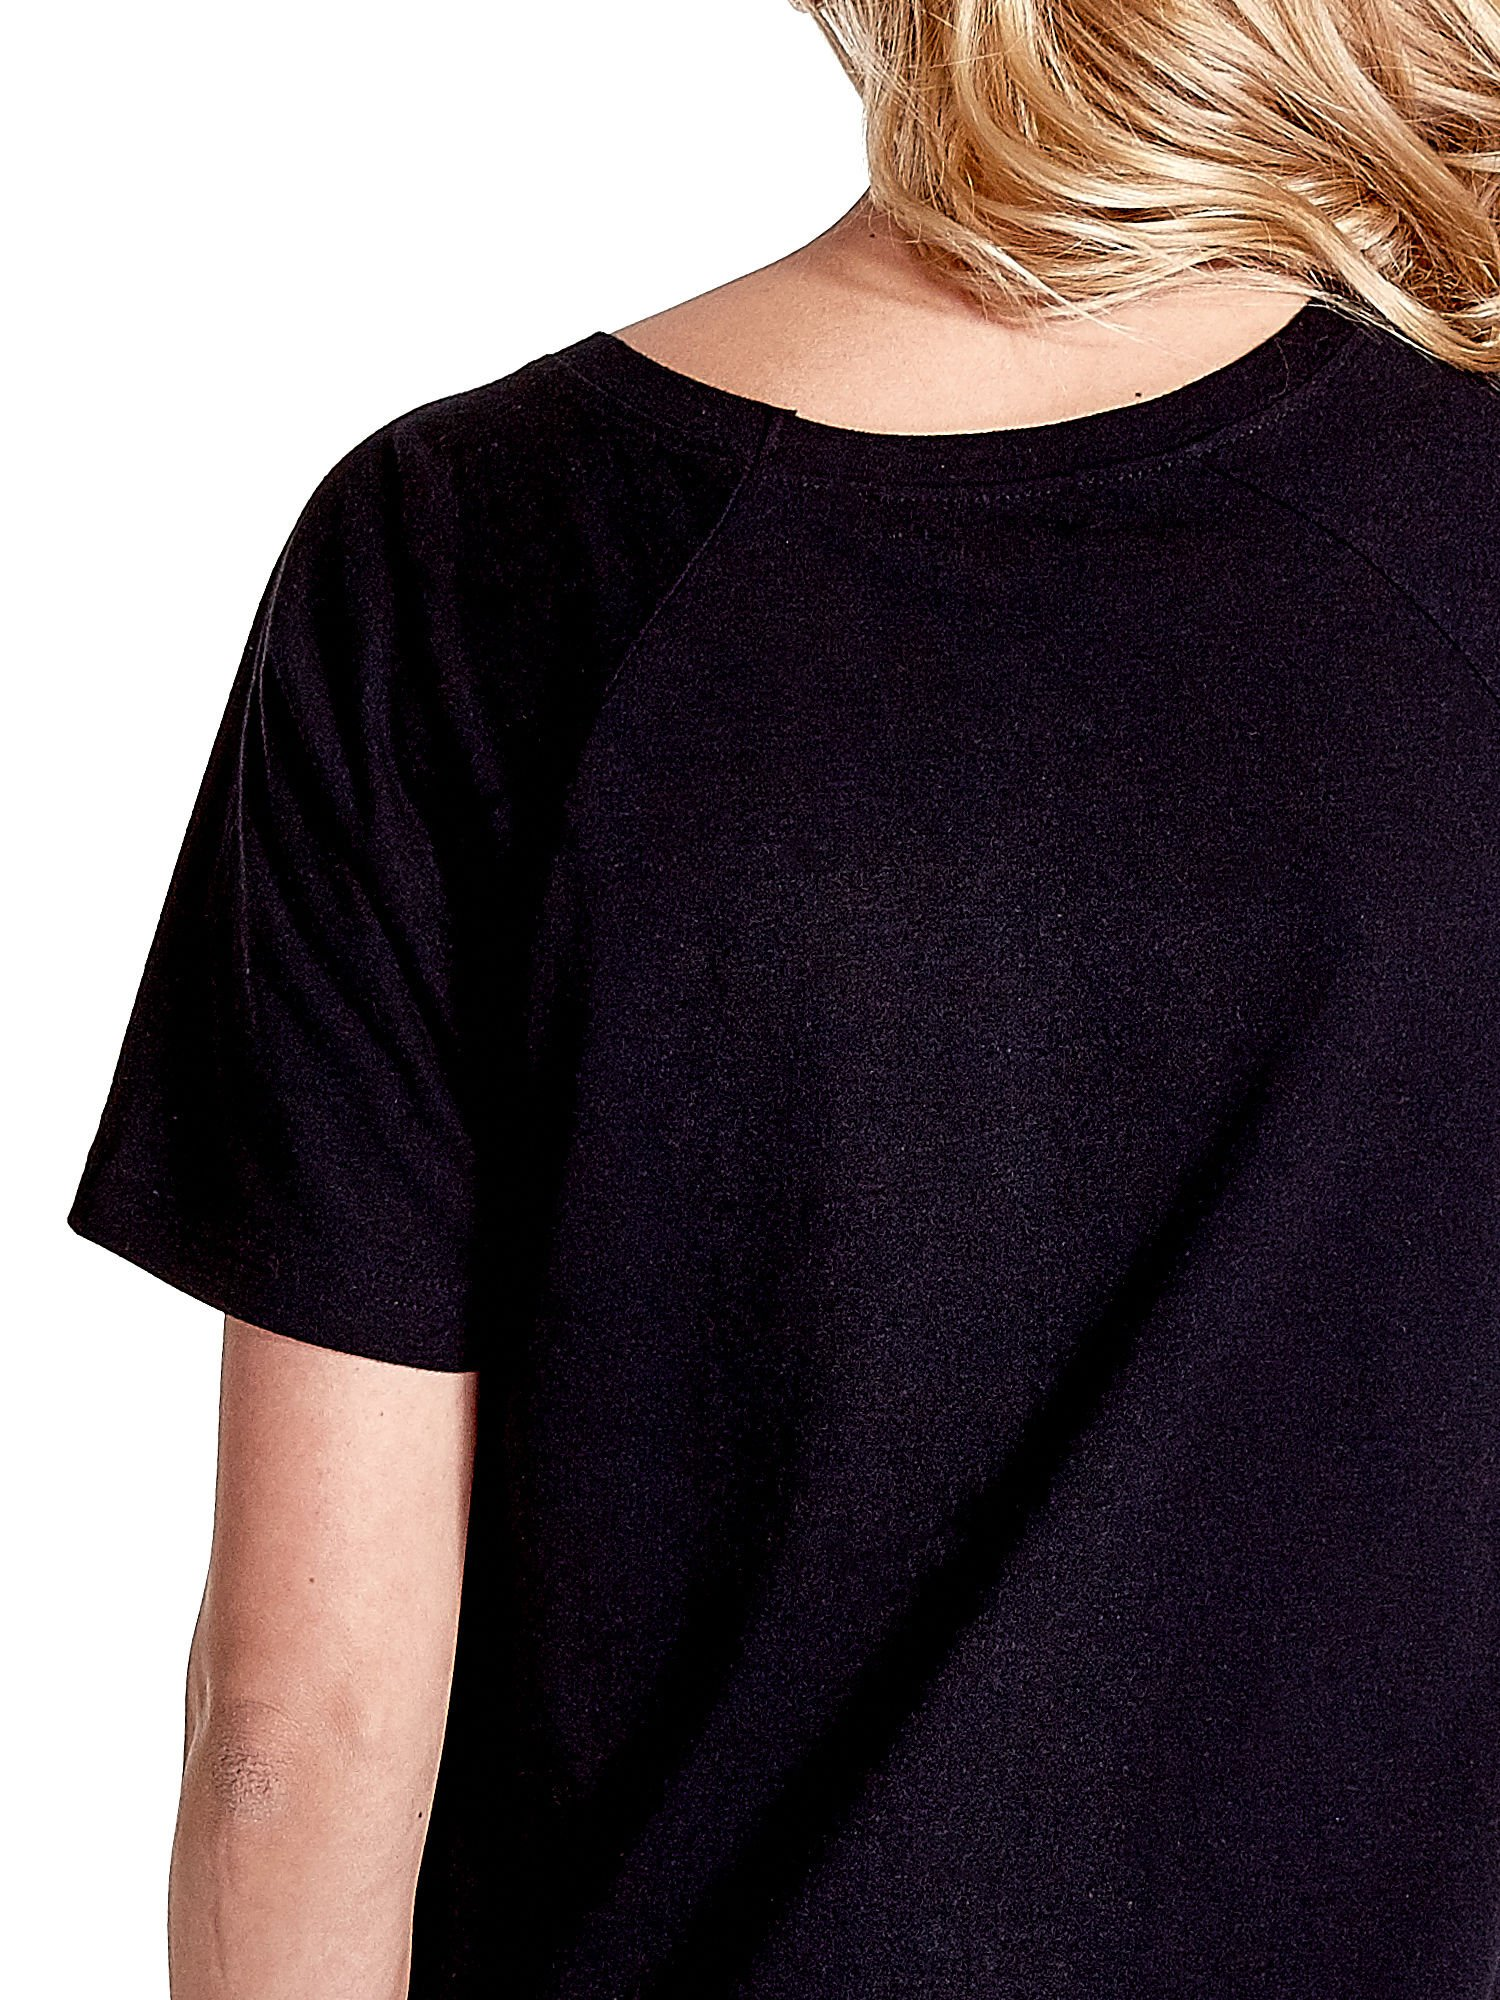 Czarny gładki t-shirt                                  zdj.                                  6